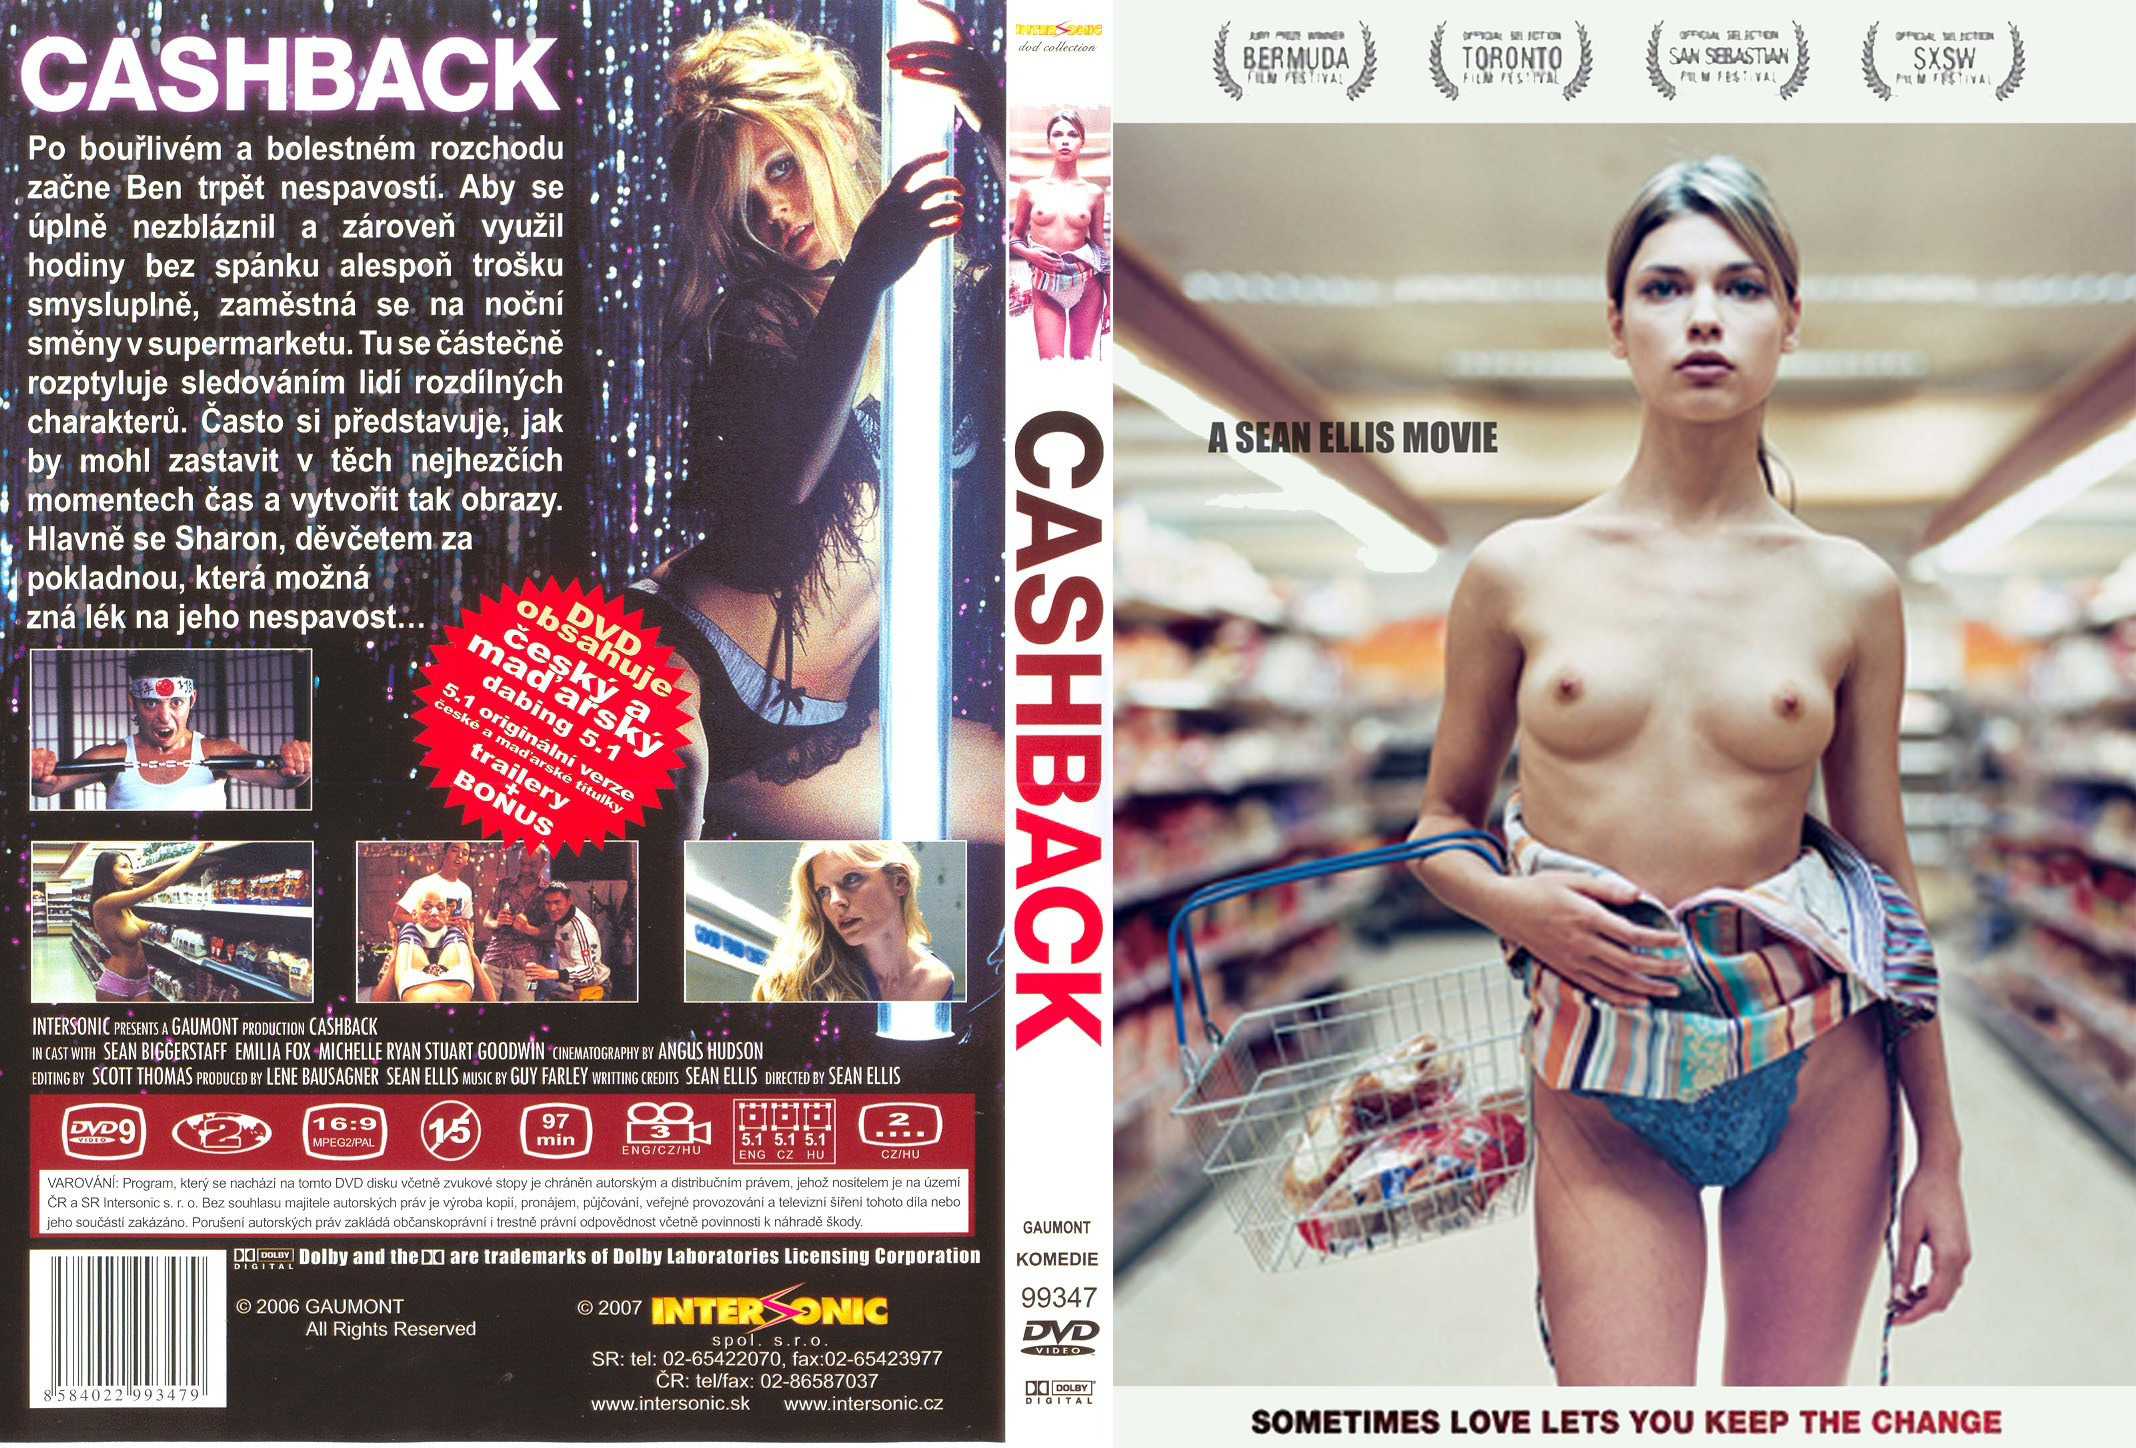 buy online casino cashback scene